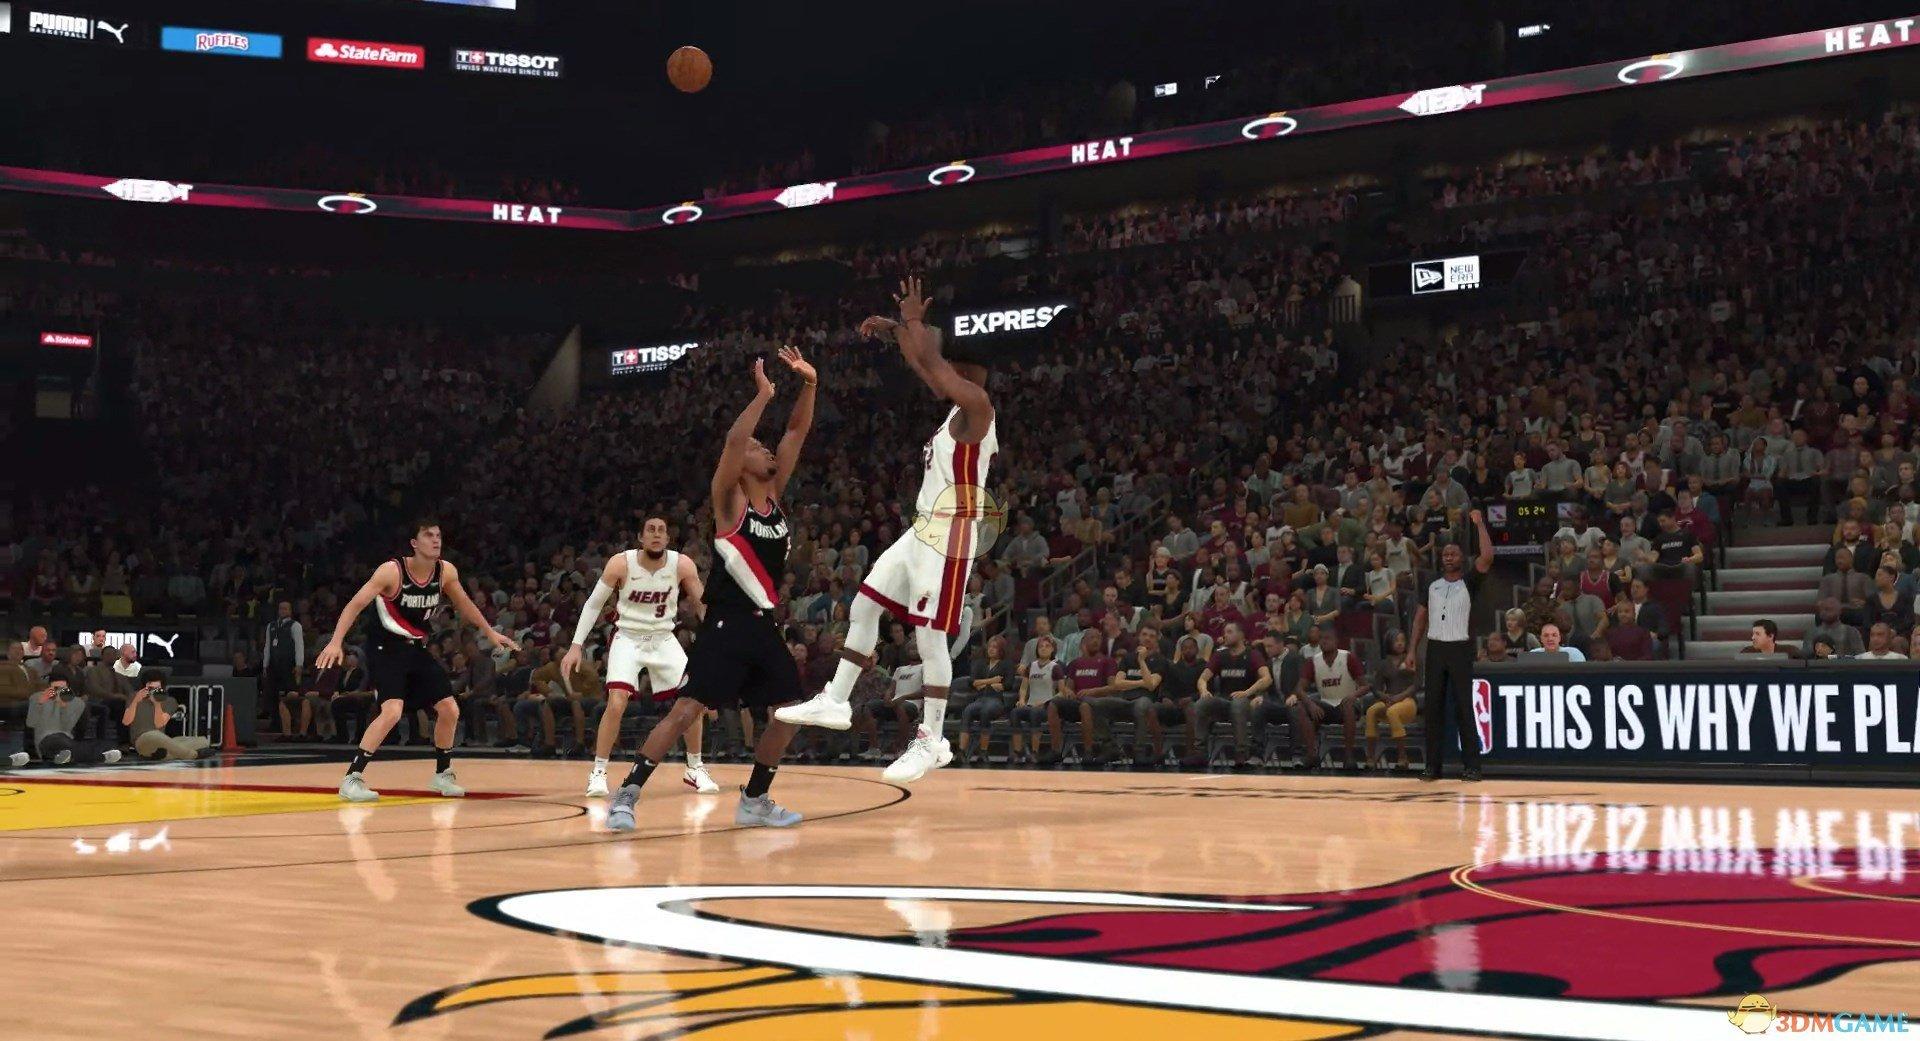 《NBA 2K20》灵活出手徽章触发方法分享